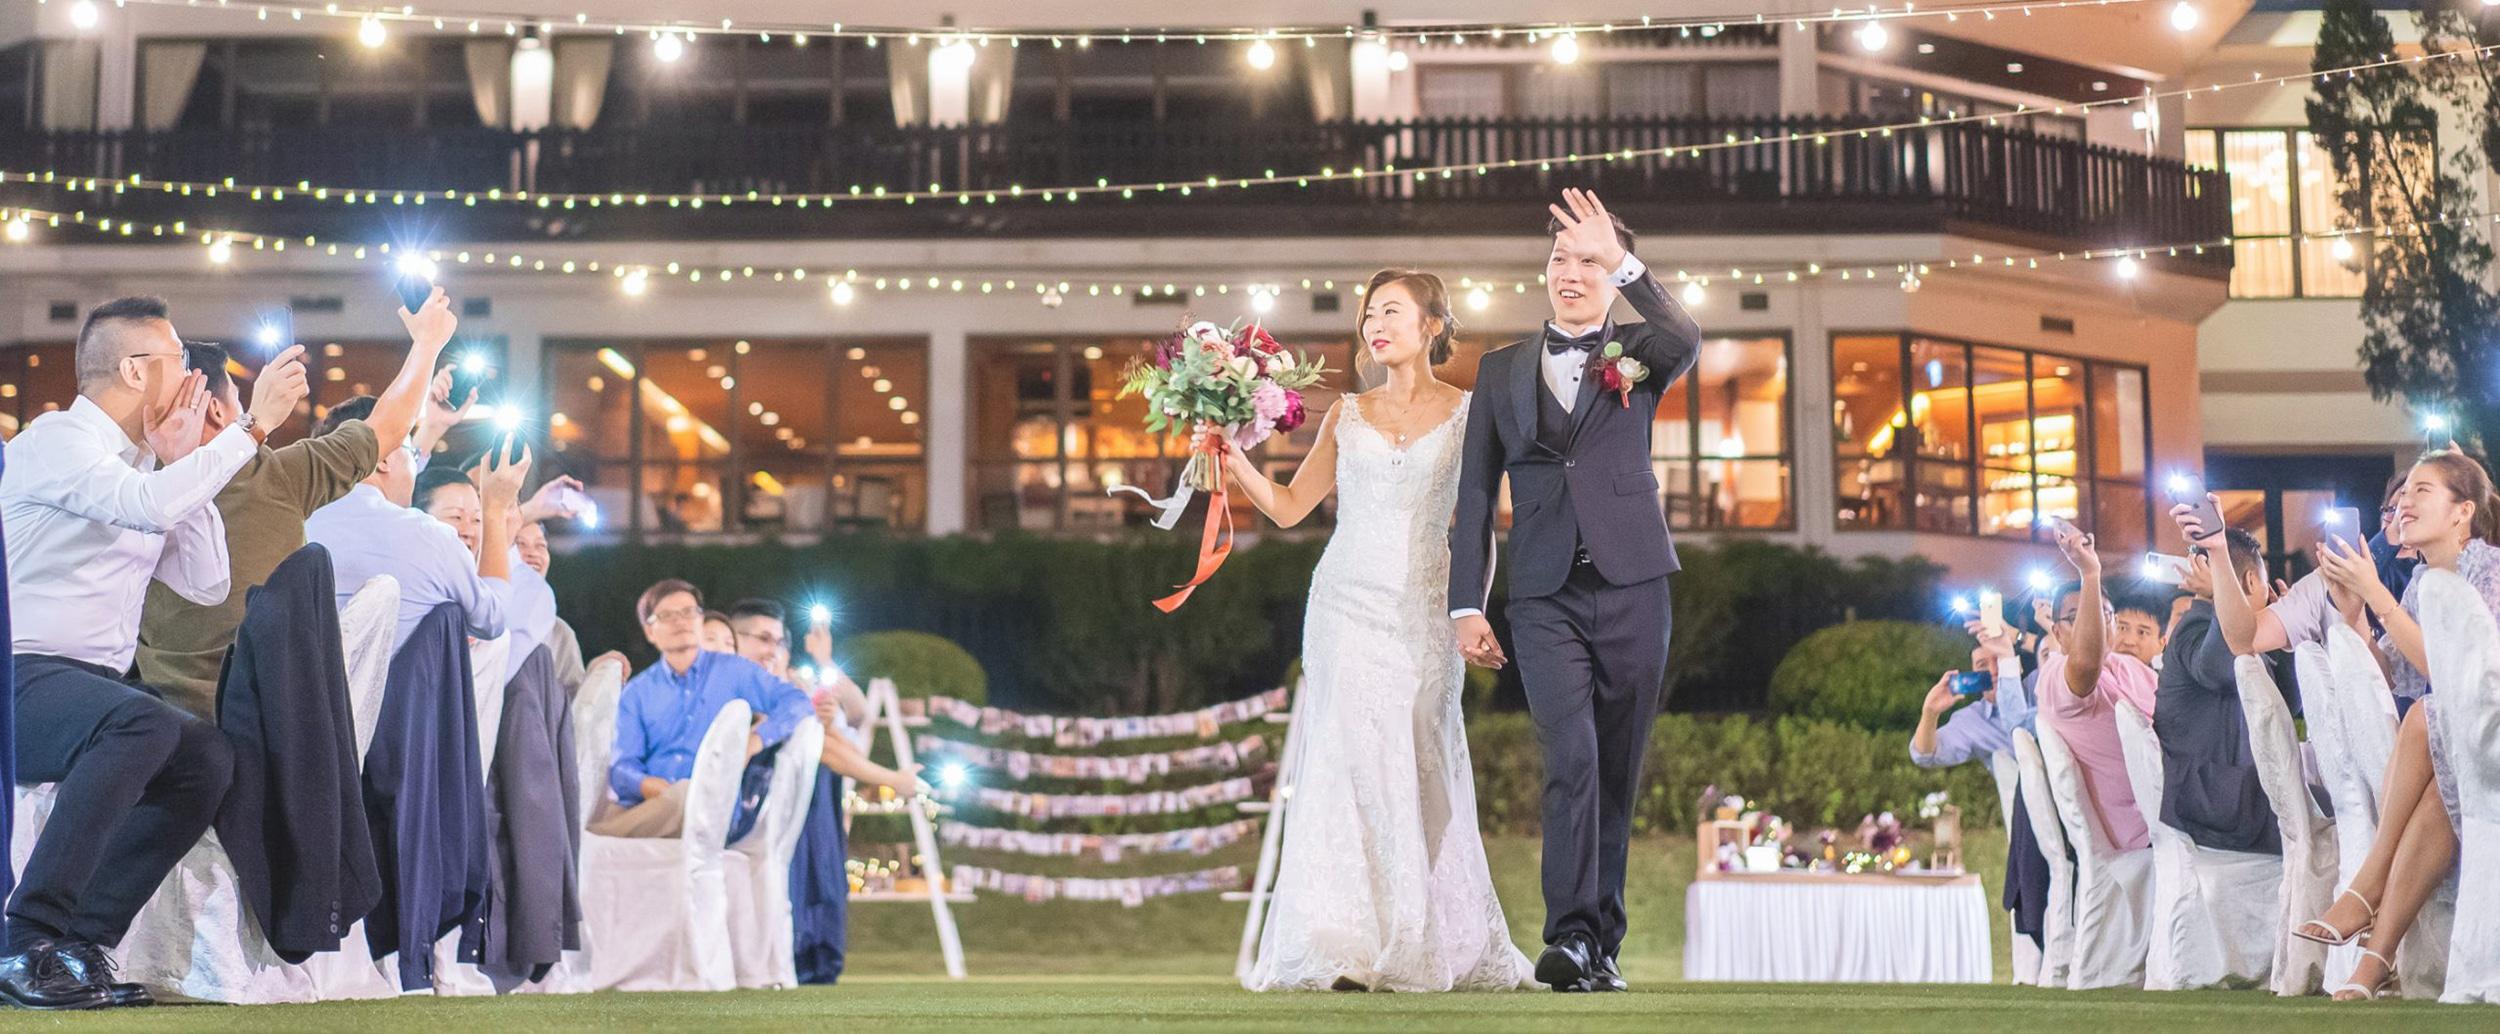 wedding day at hong kong beas river country club